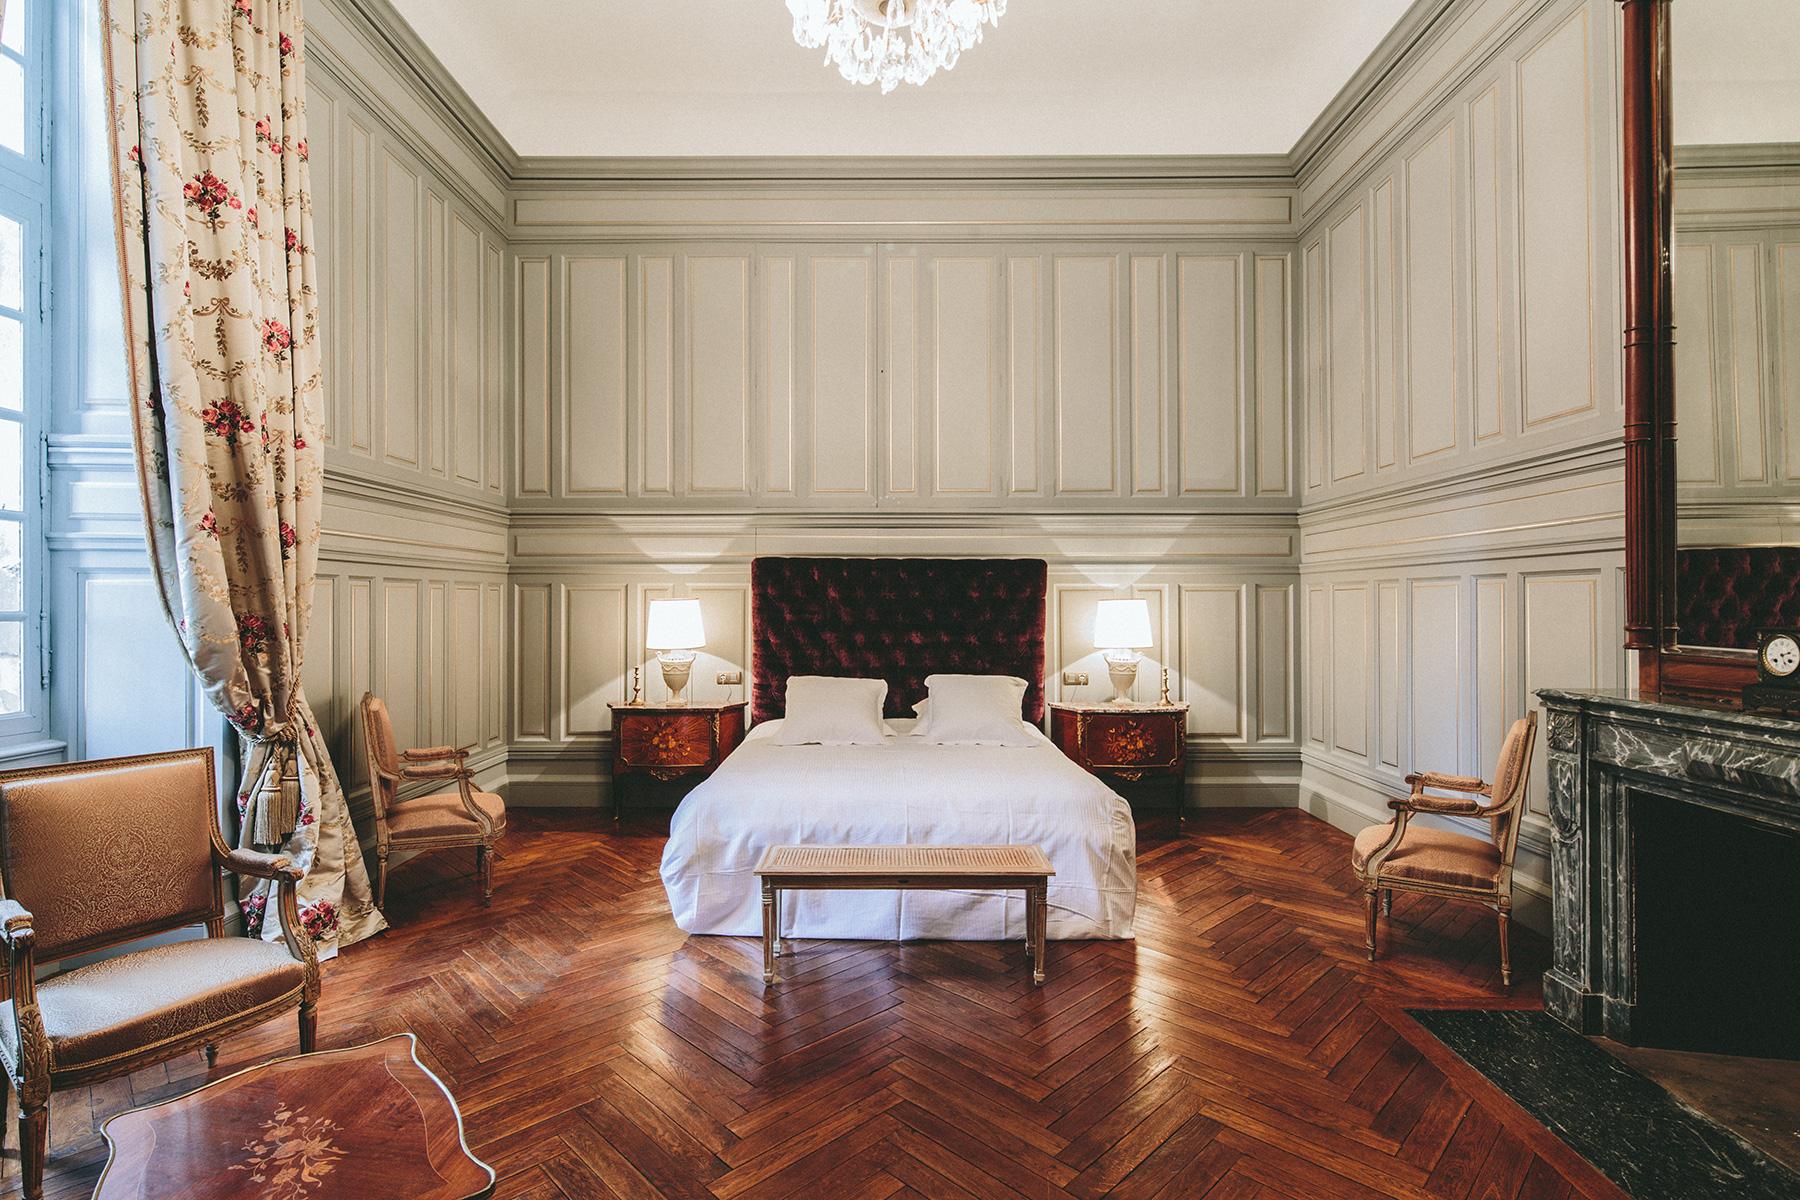 Suite de Paul Riquet / chambre d'hôte du château de Paraza